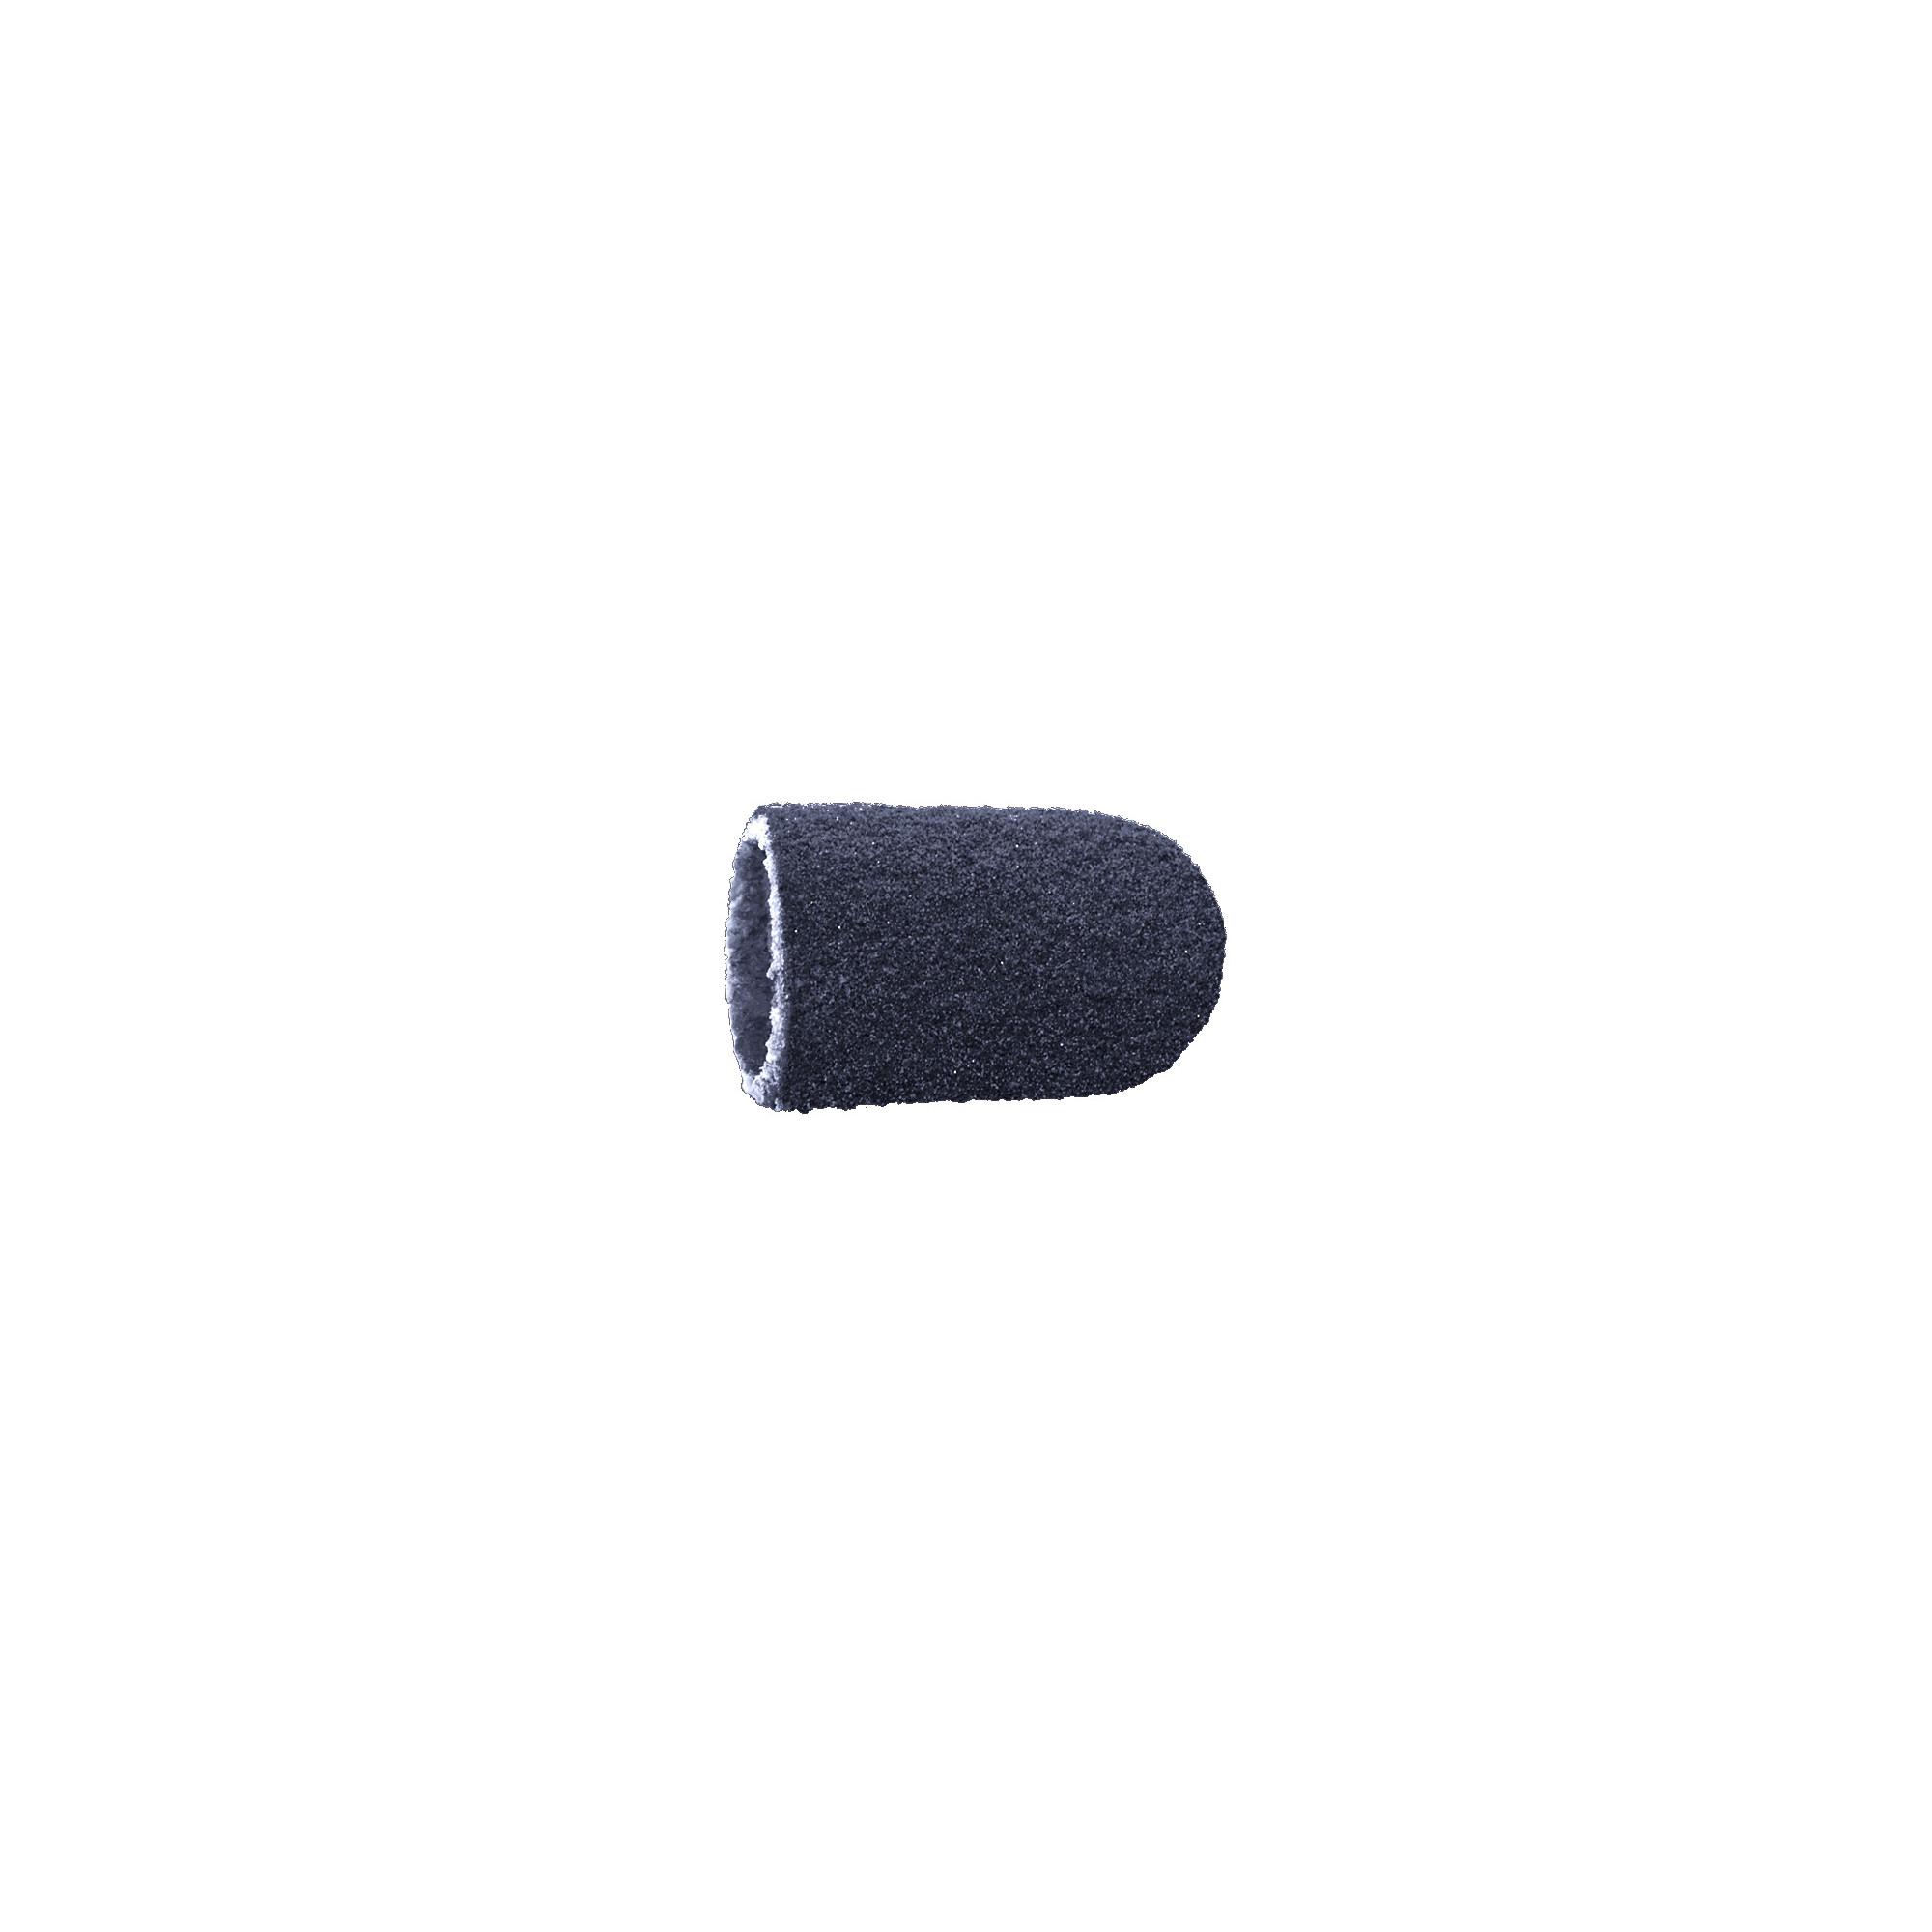 Capuchons abrasifs 1301 - Diamant - Grain fin - Abrasion des cors, durillons et hyperkératoses - 5 mm